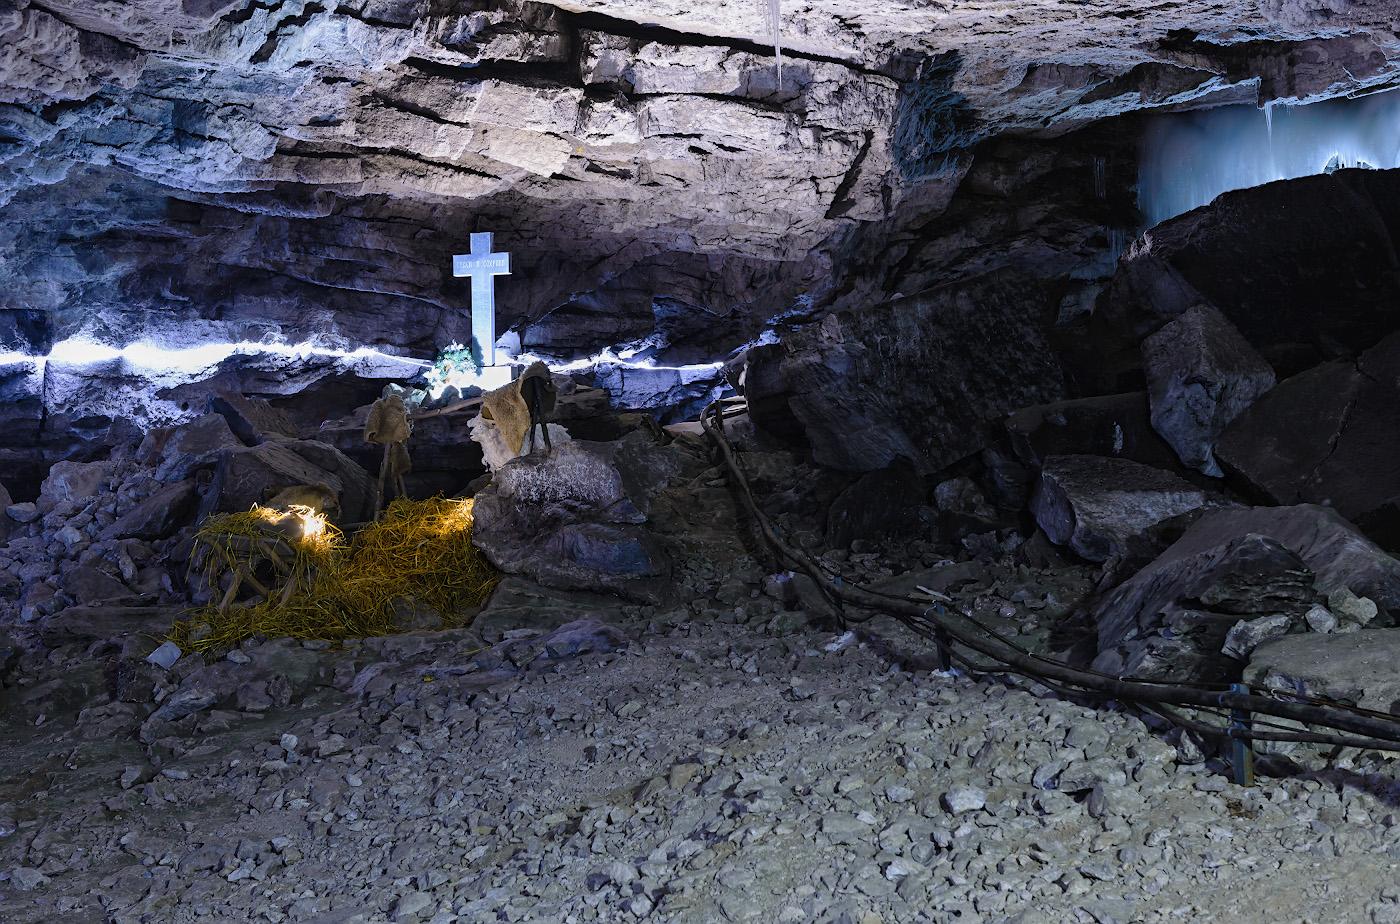 Фотография 16. Крестовый грот в Кунгурской ледяной пещере. Съемка с нормальным фокусным расстоянием. 2.0, 8.0, 400, 48.